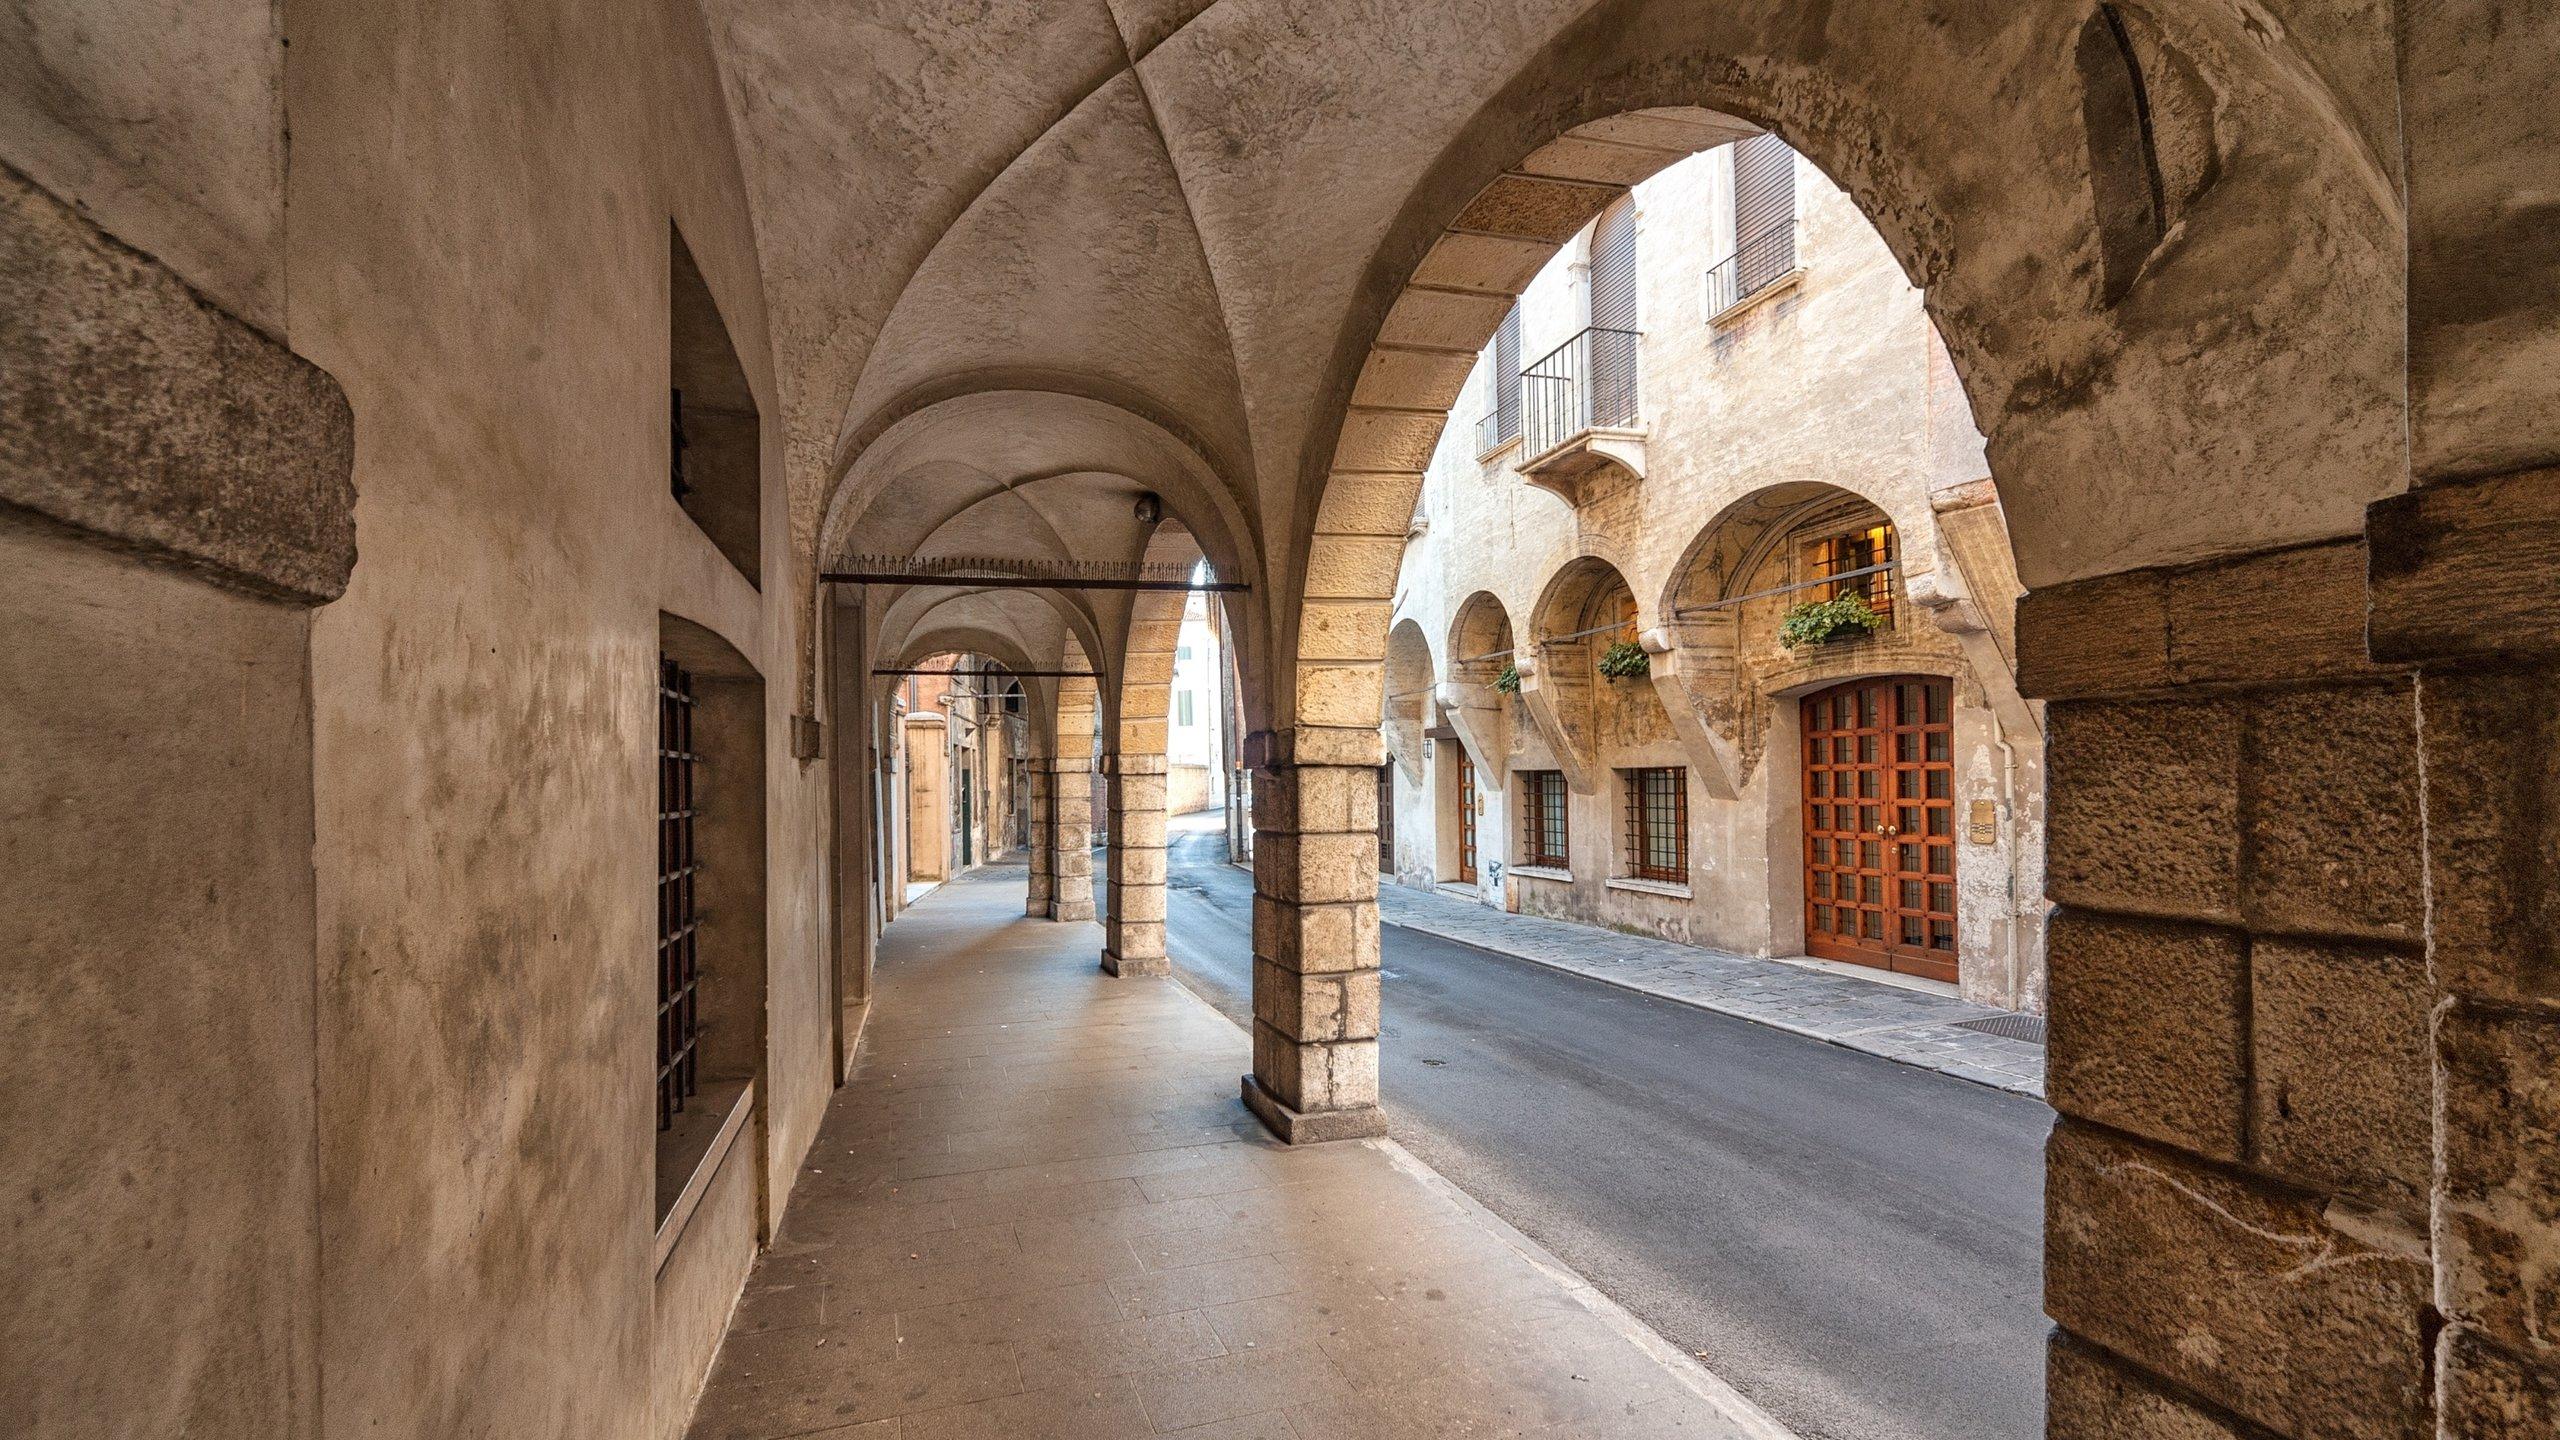 Province of Treviso, Veneto, Italy